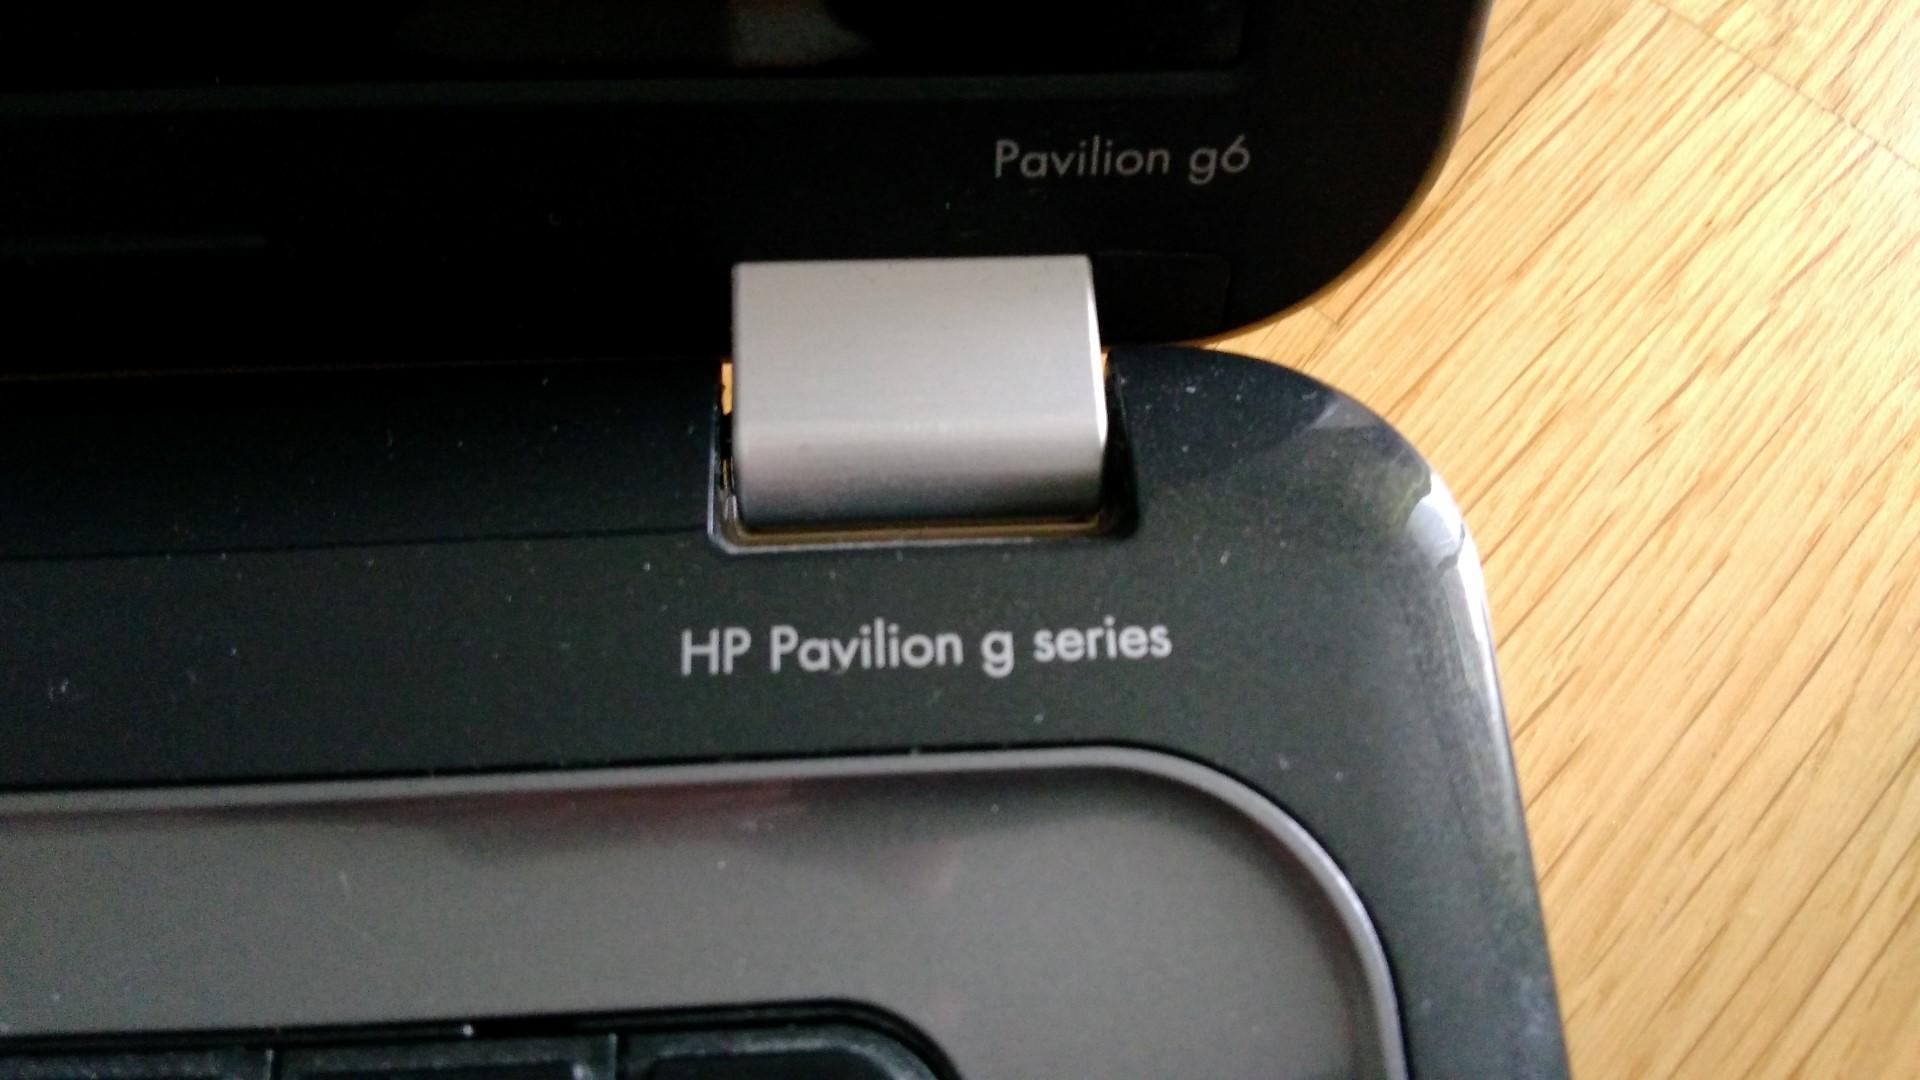 hp pavilion g6 drivers